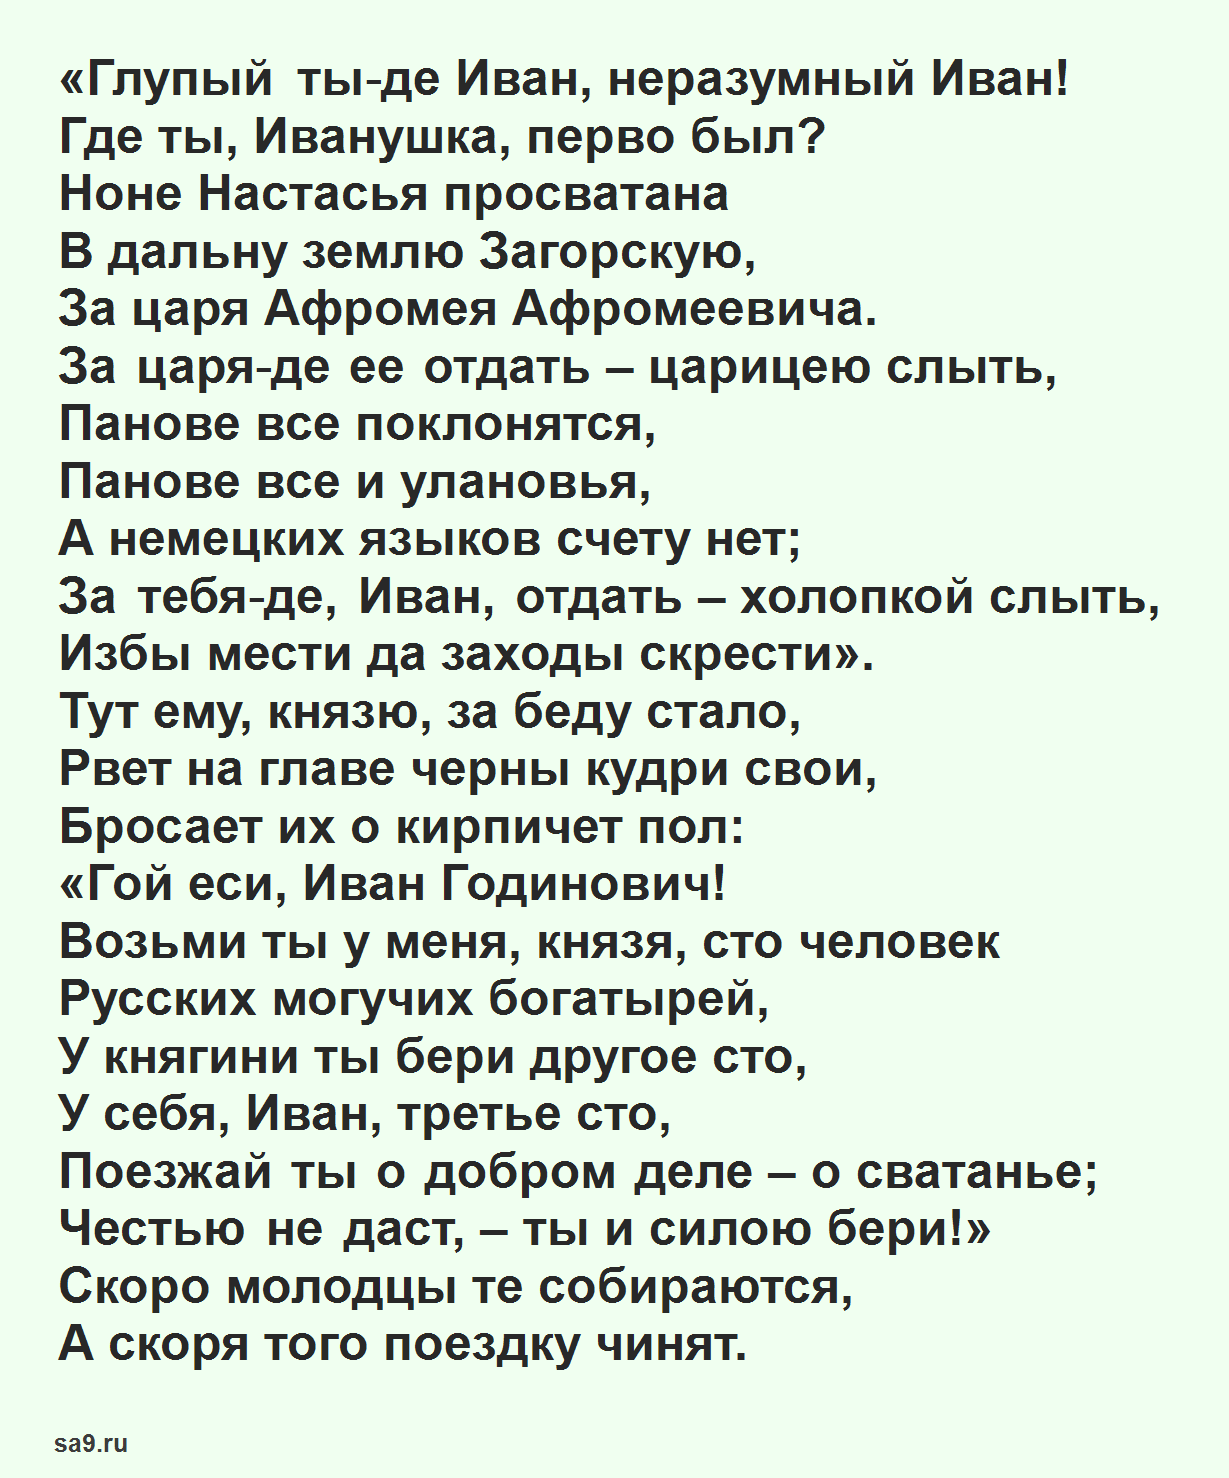 Читать русскую народную былину - Иван Годинович, полностью